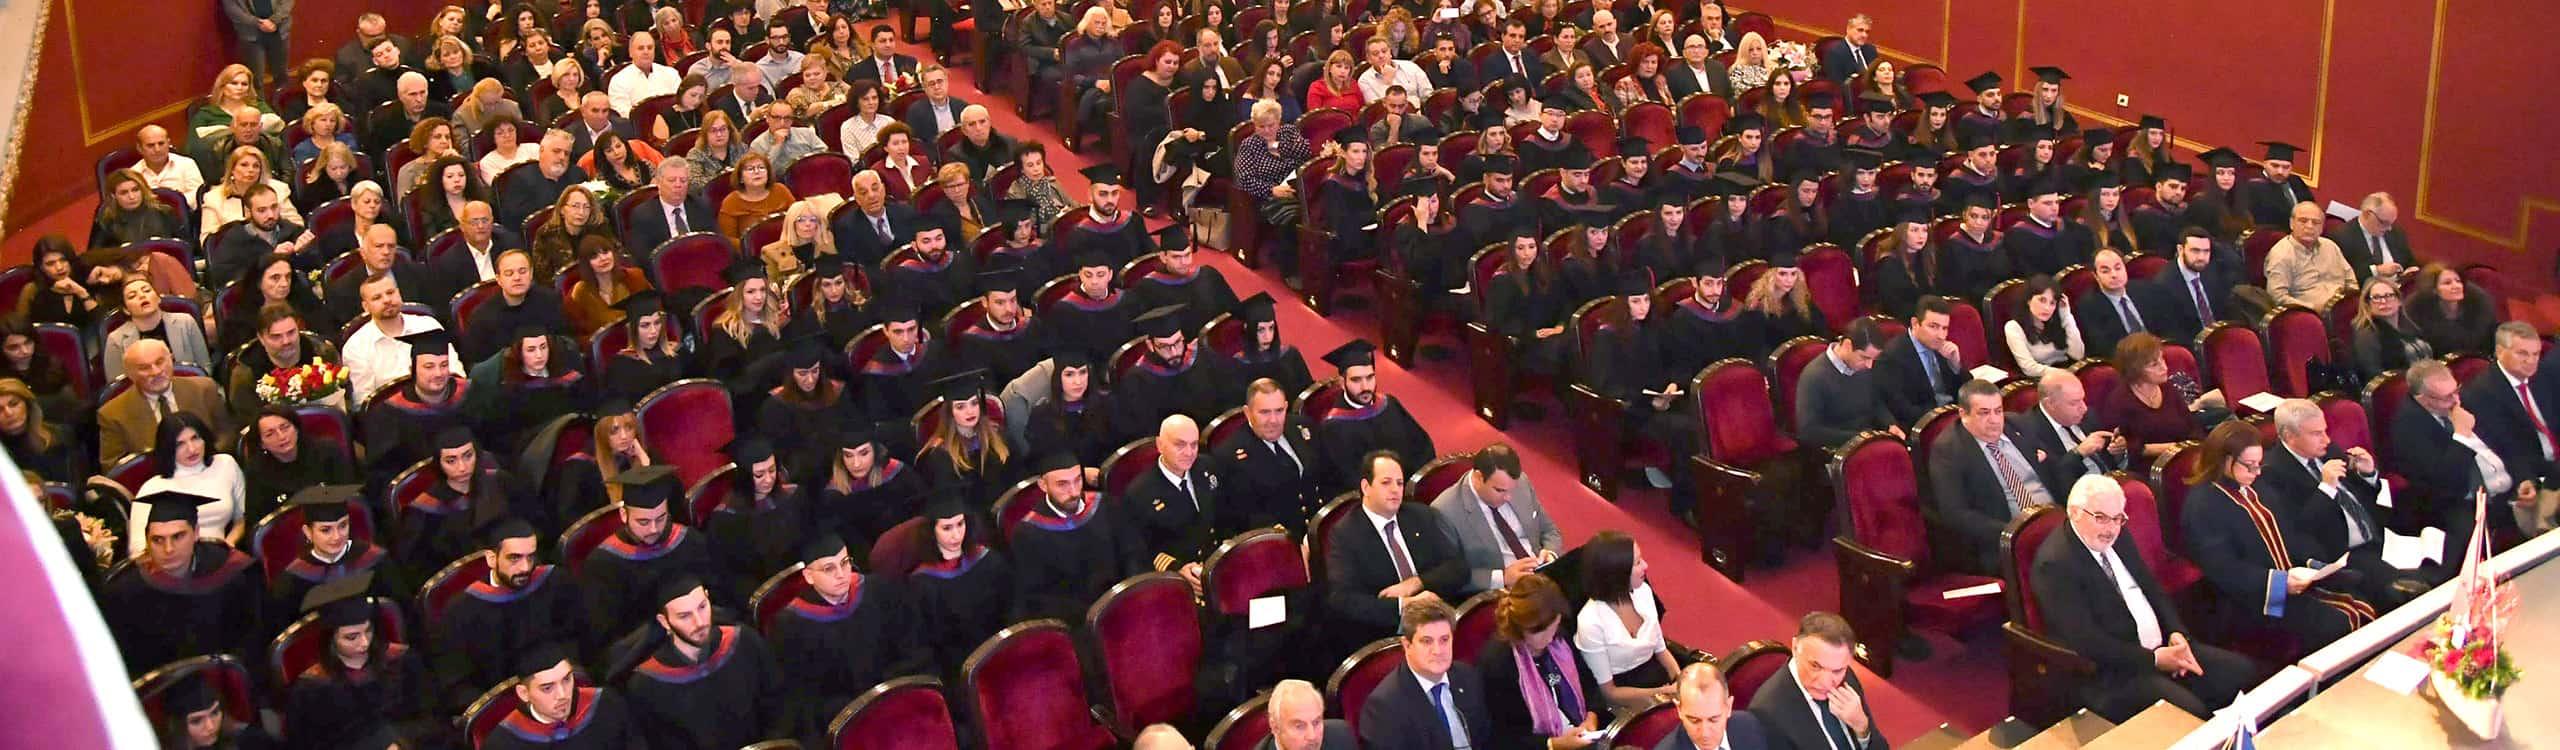 Απόφοιτοι